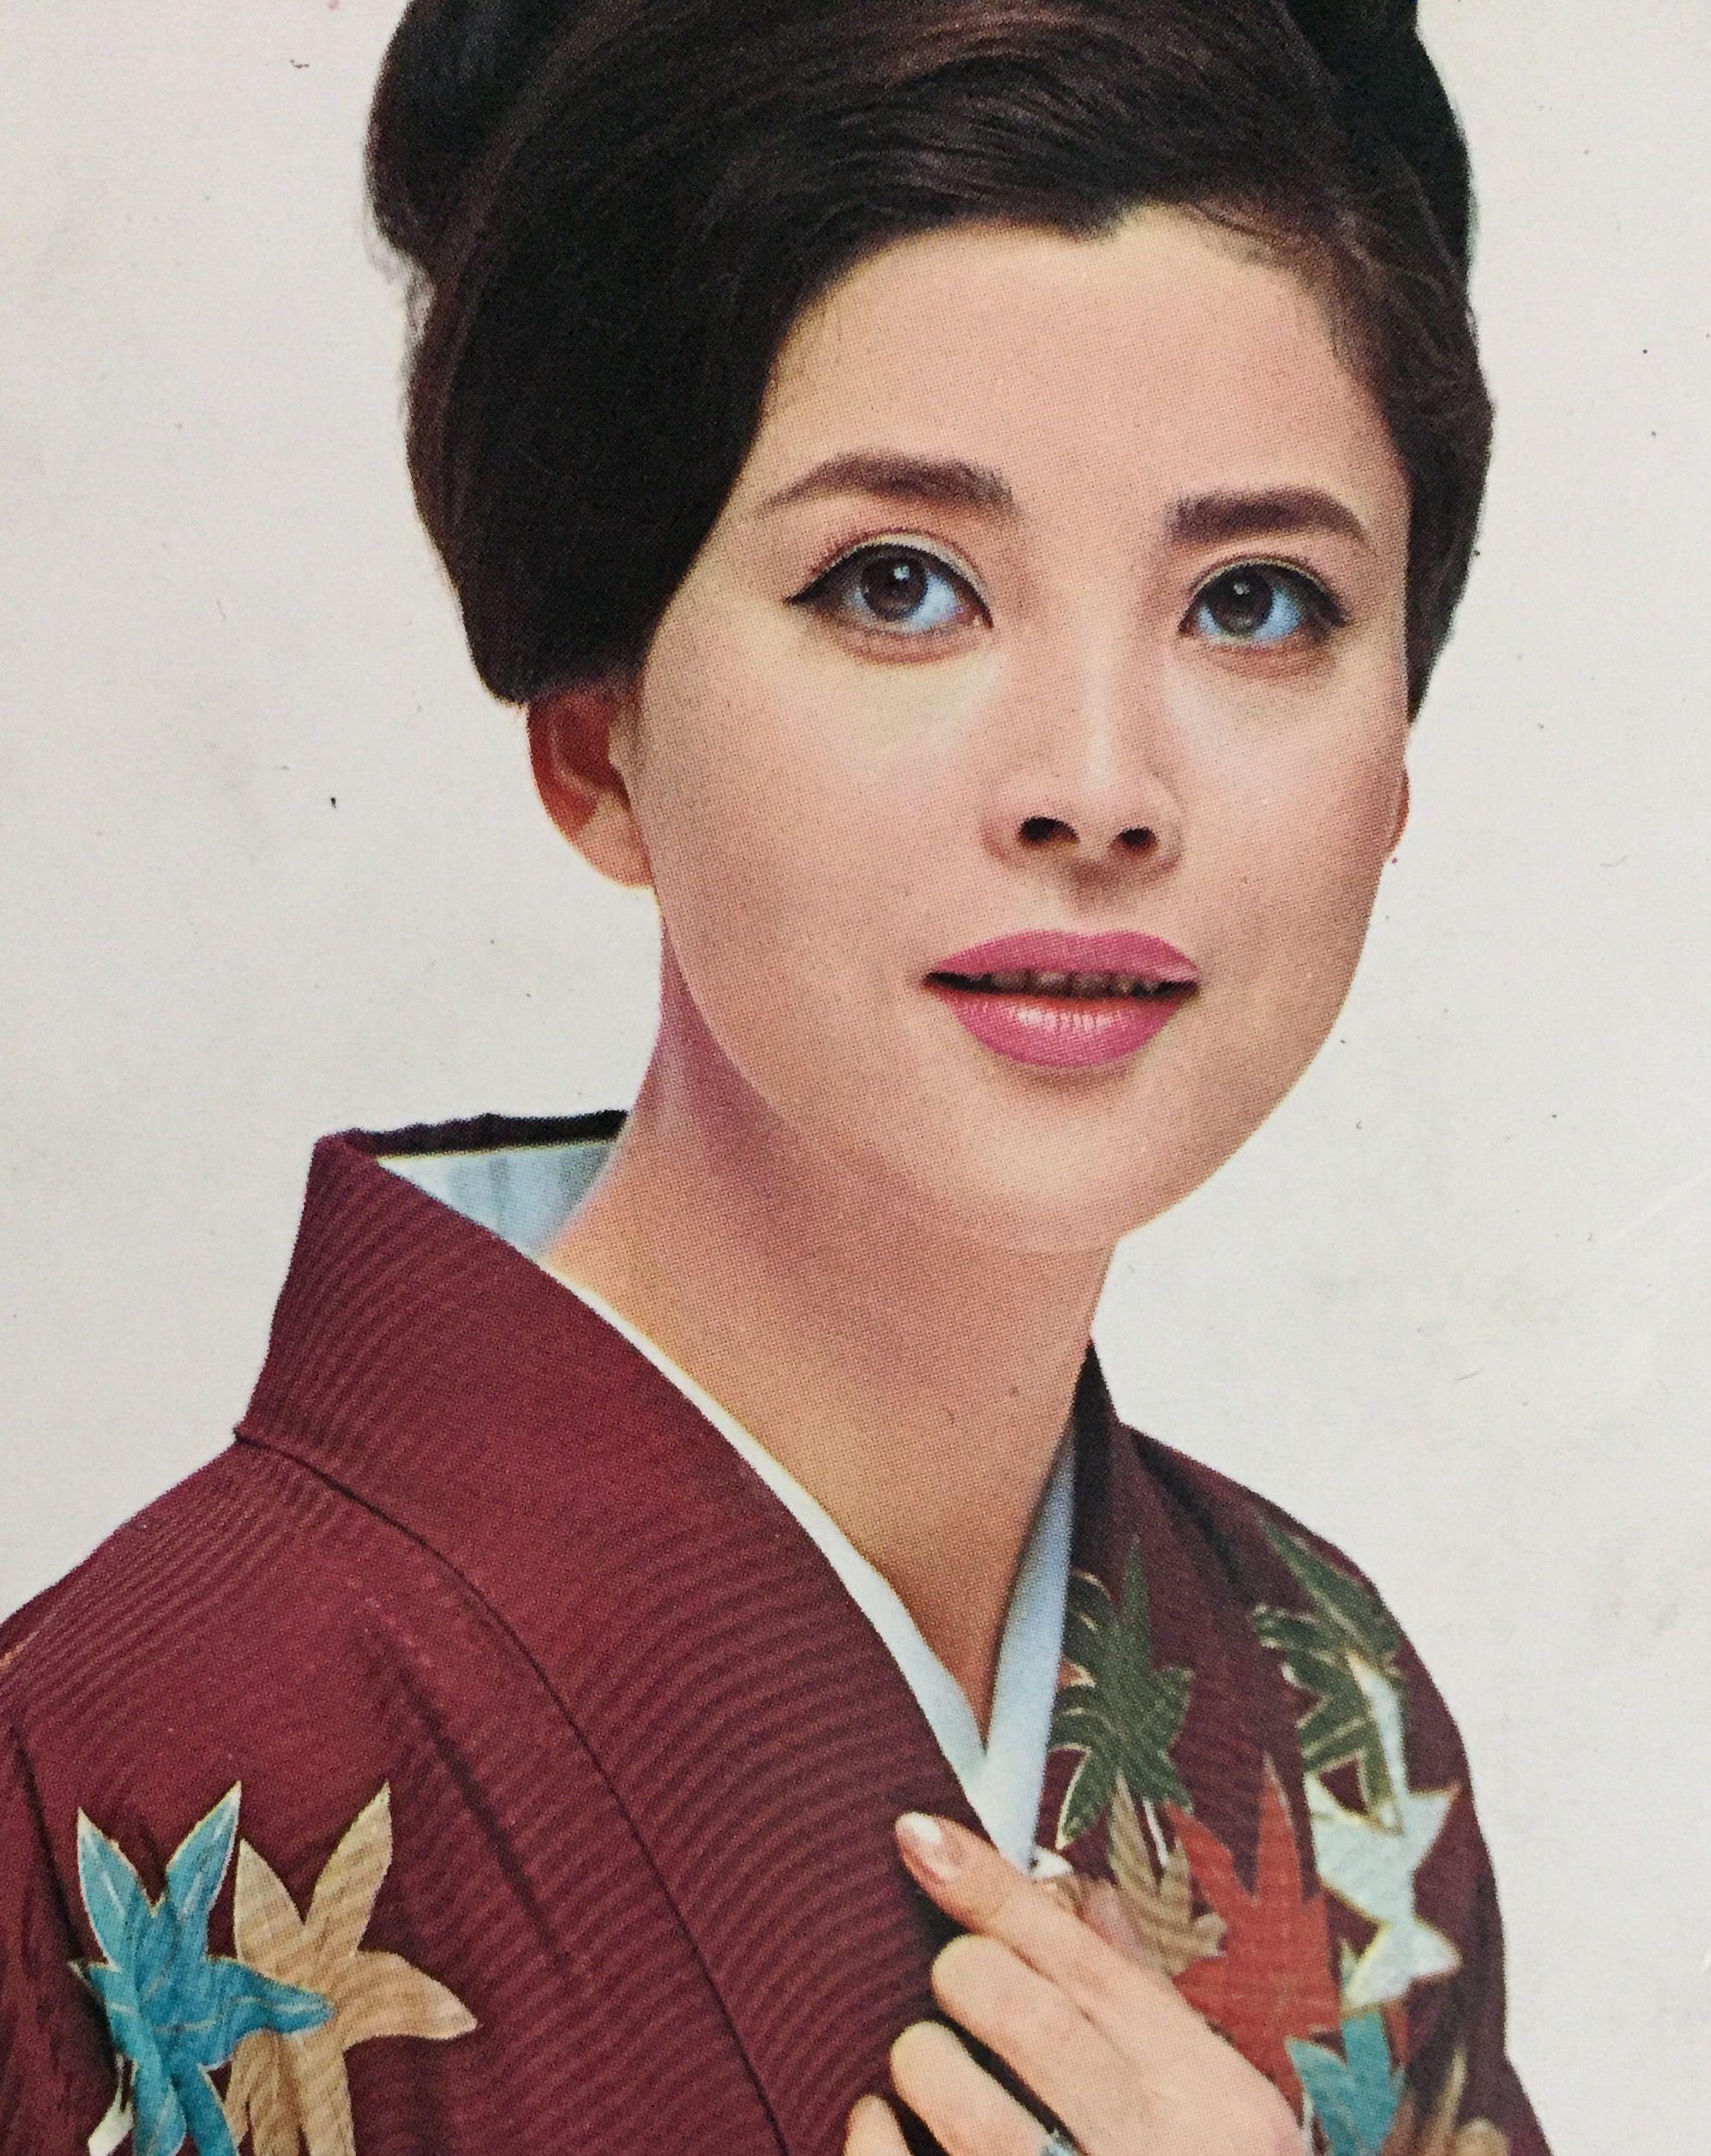 岡田茉莉子の画像 p1_20